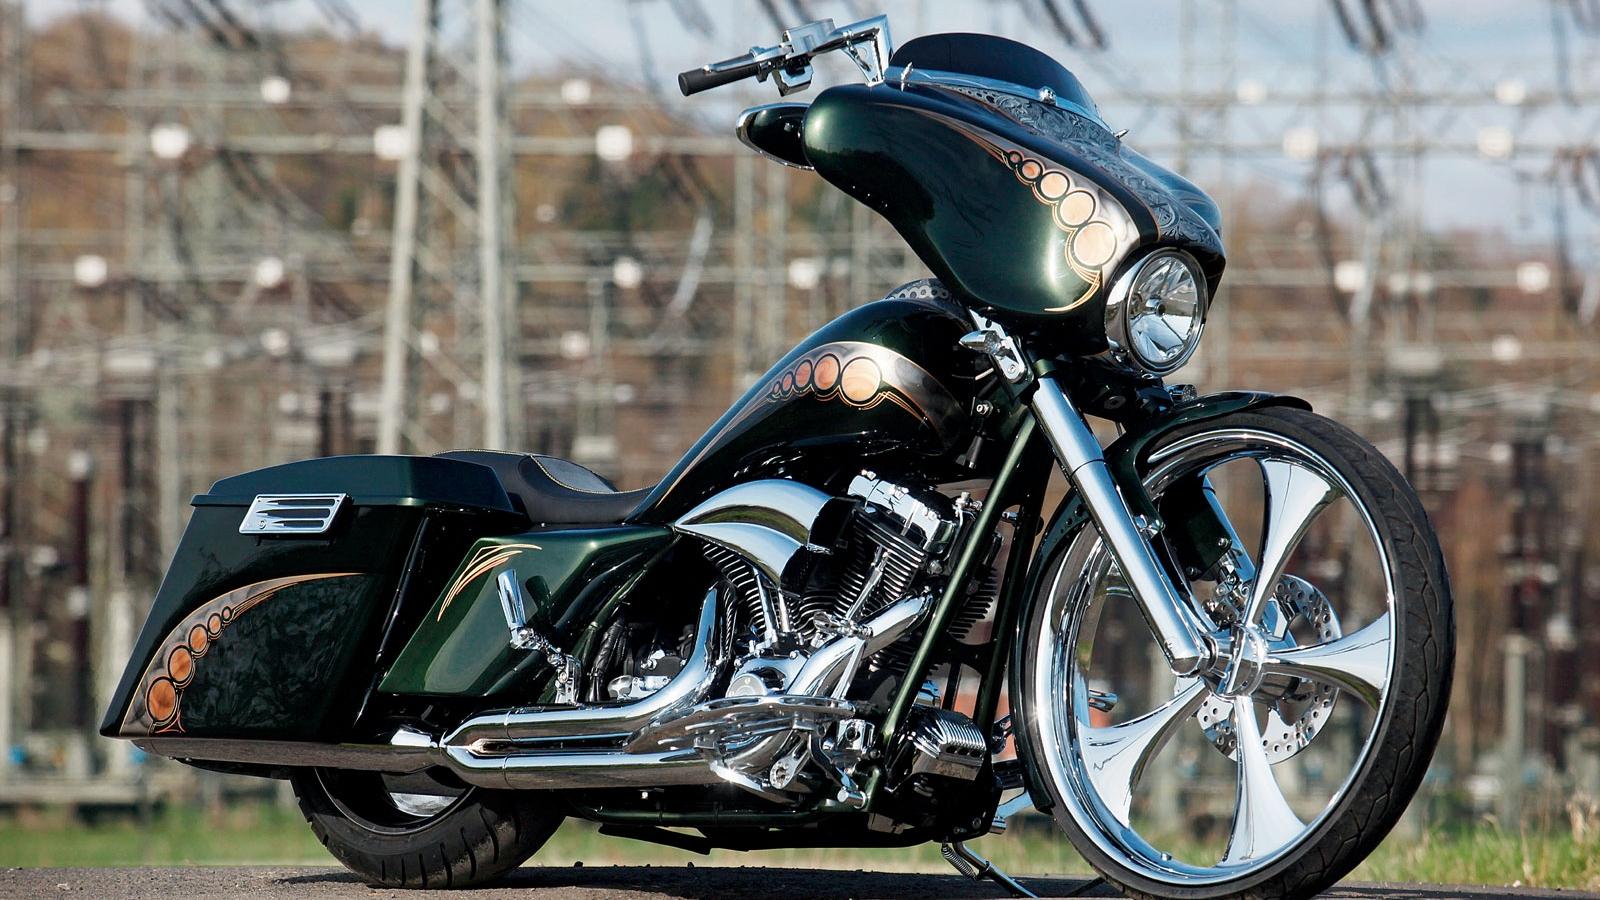 Harley Davidson Wallpaper Free